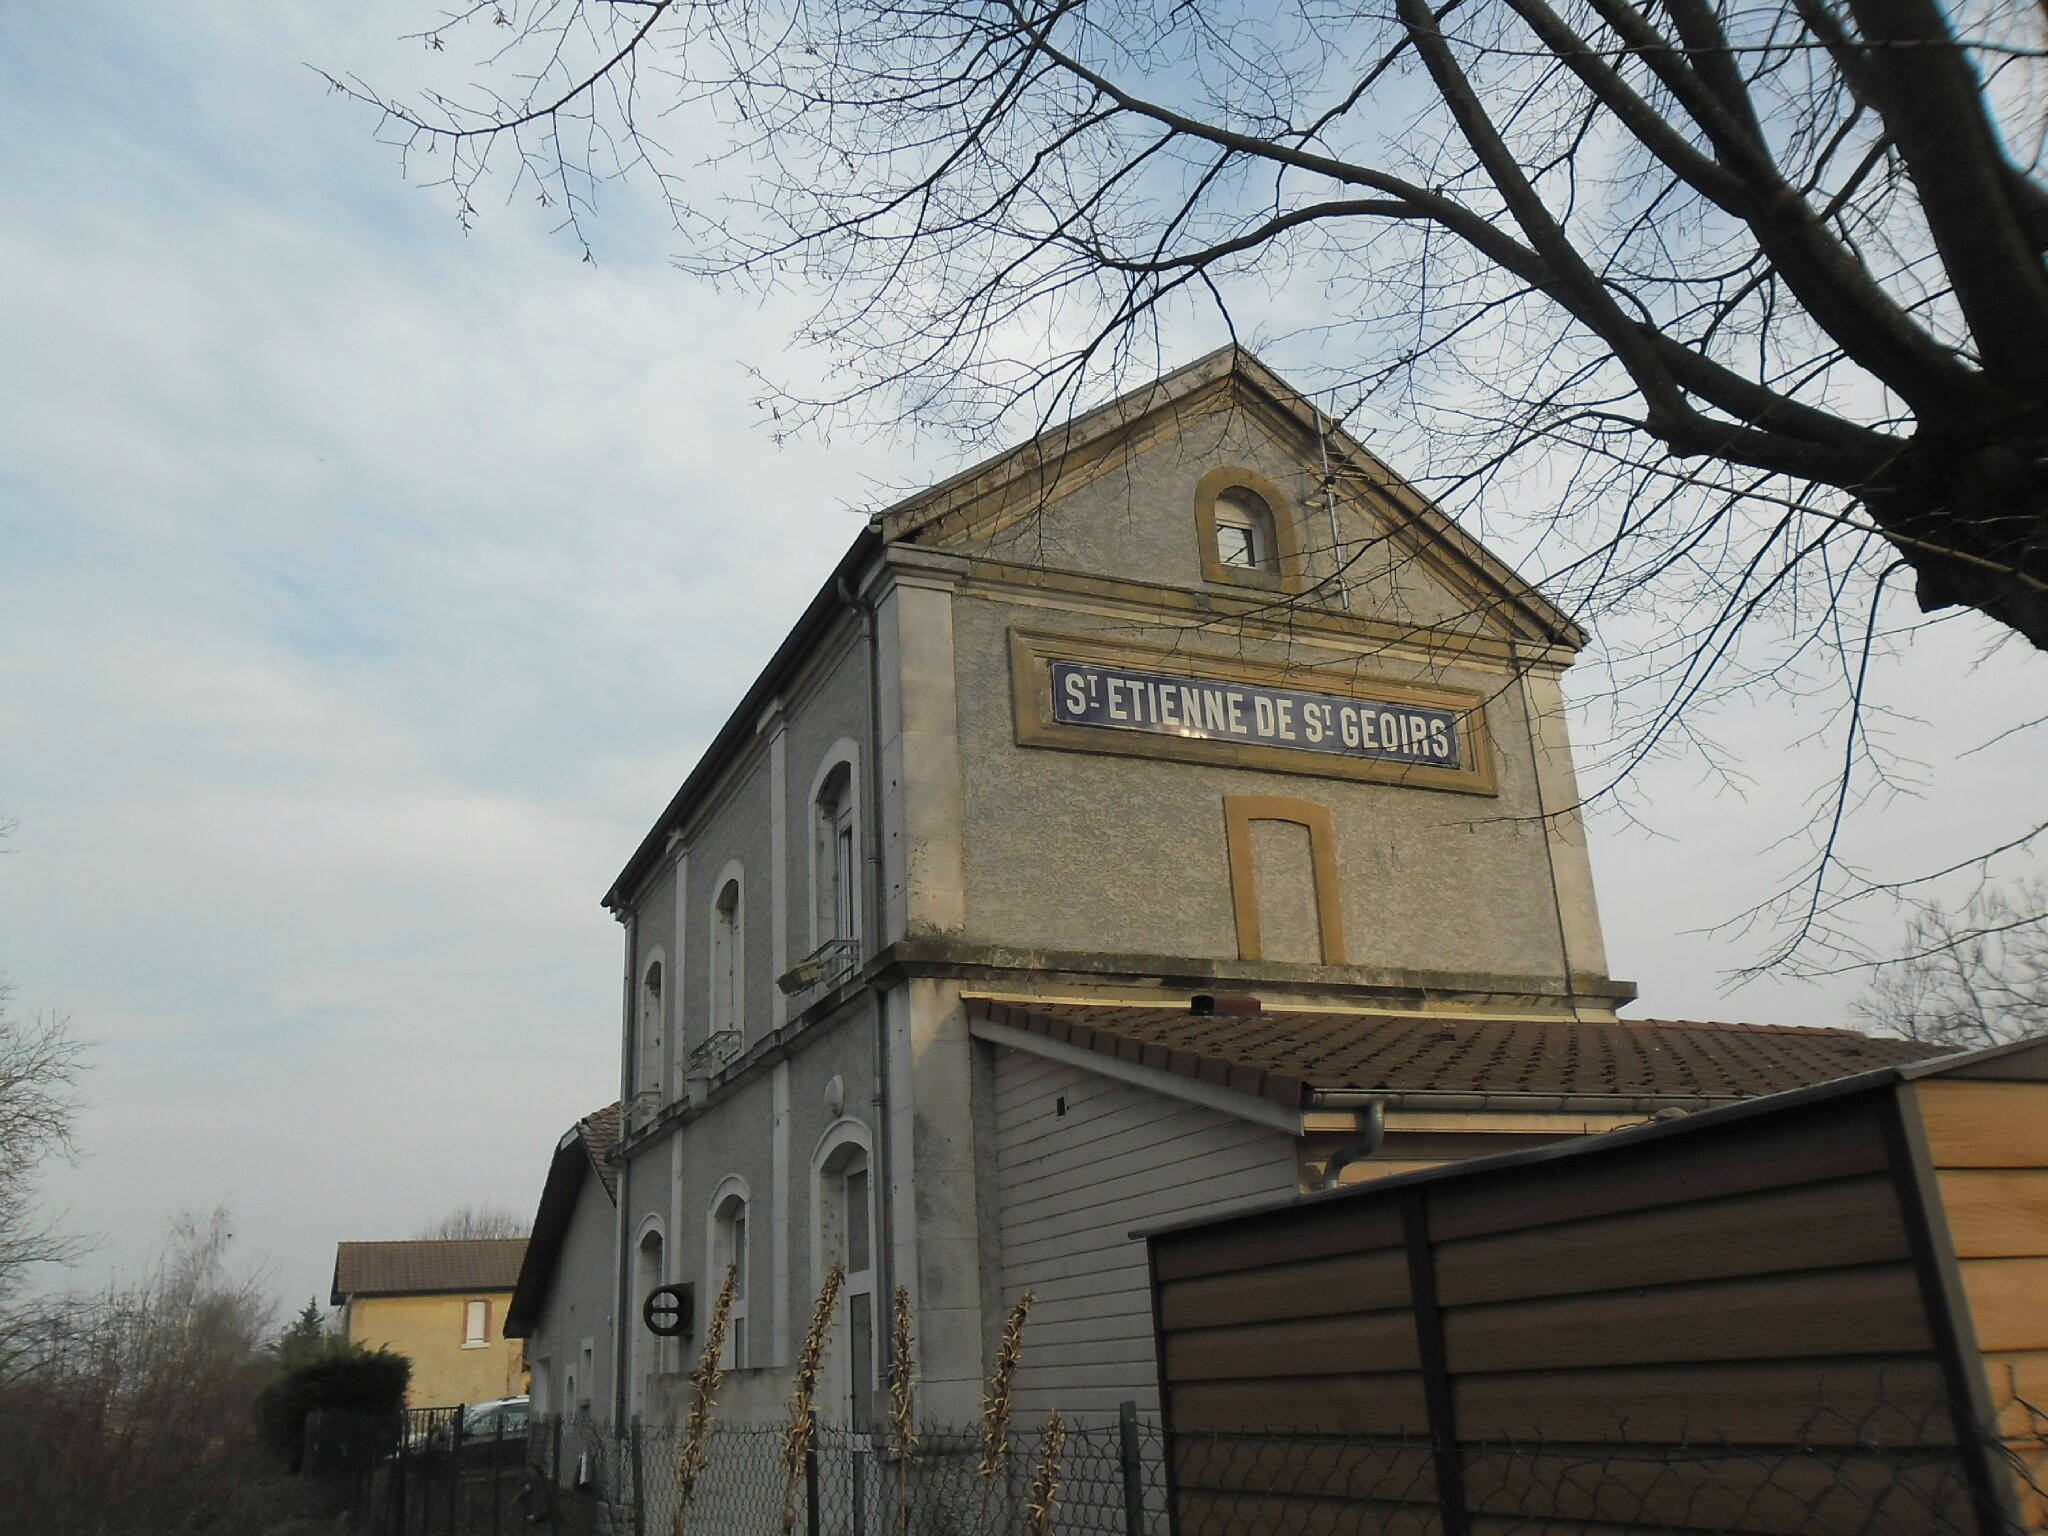 Saint-Etienne de Saint-Geoirs (Isère)